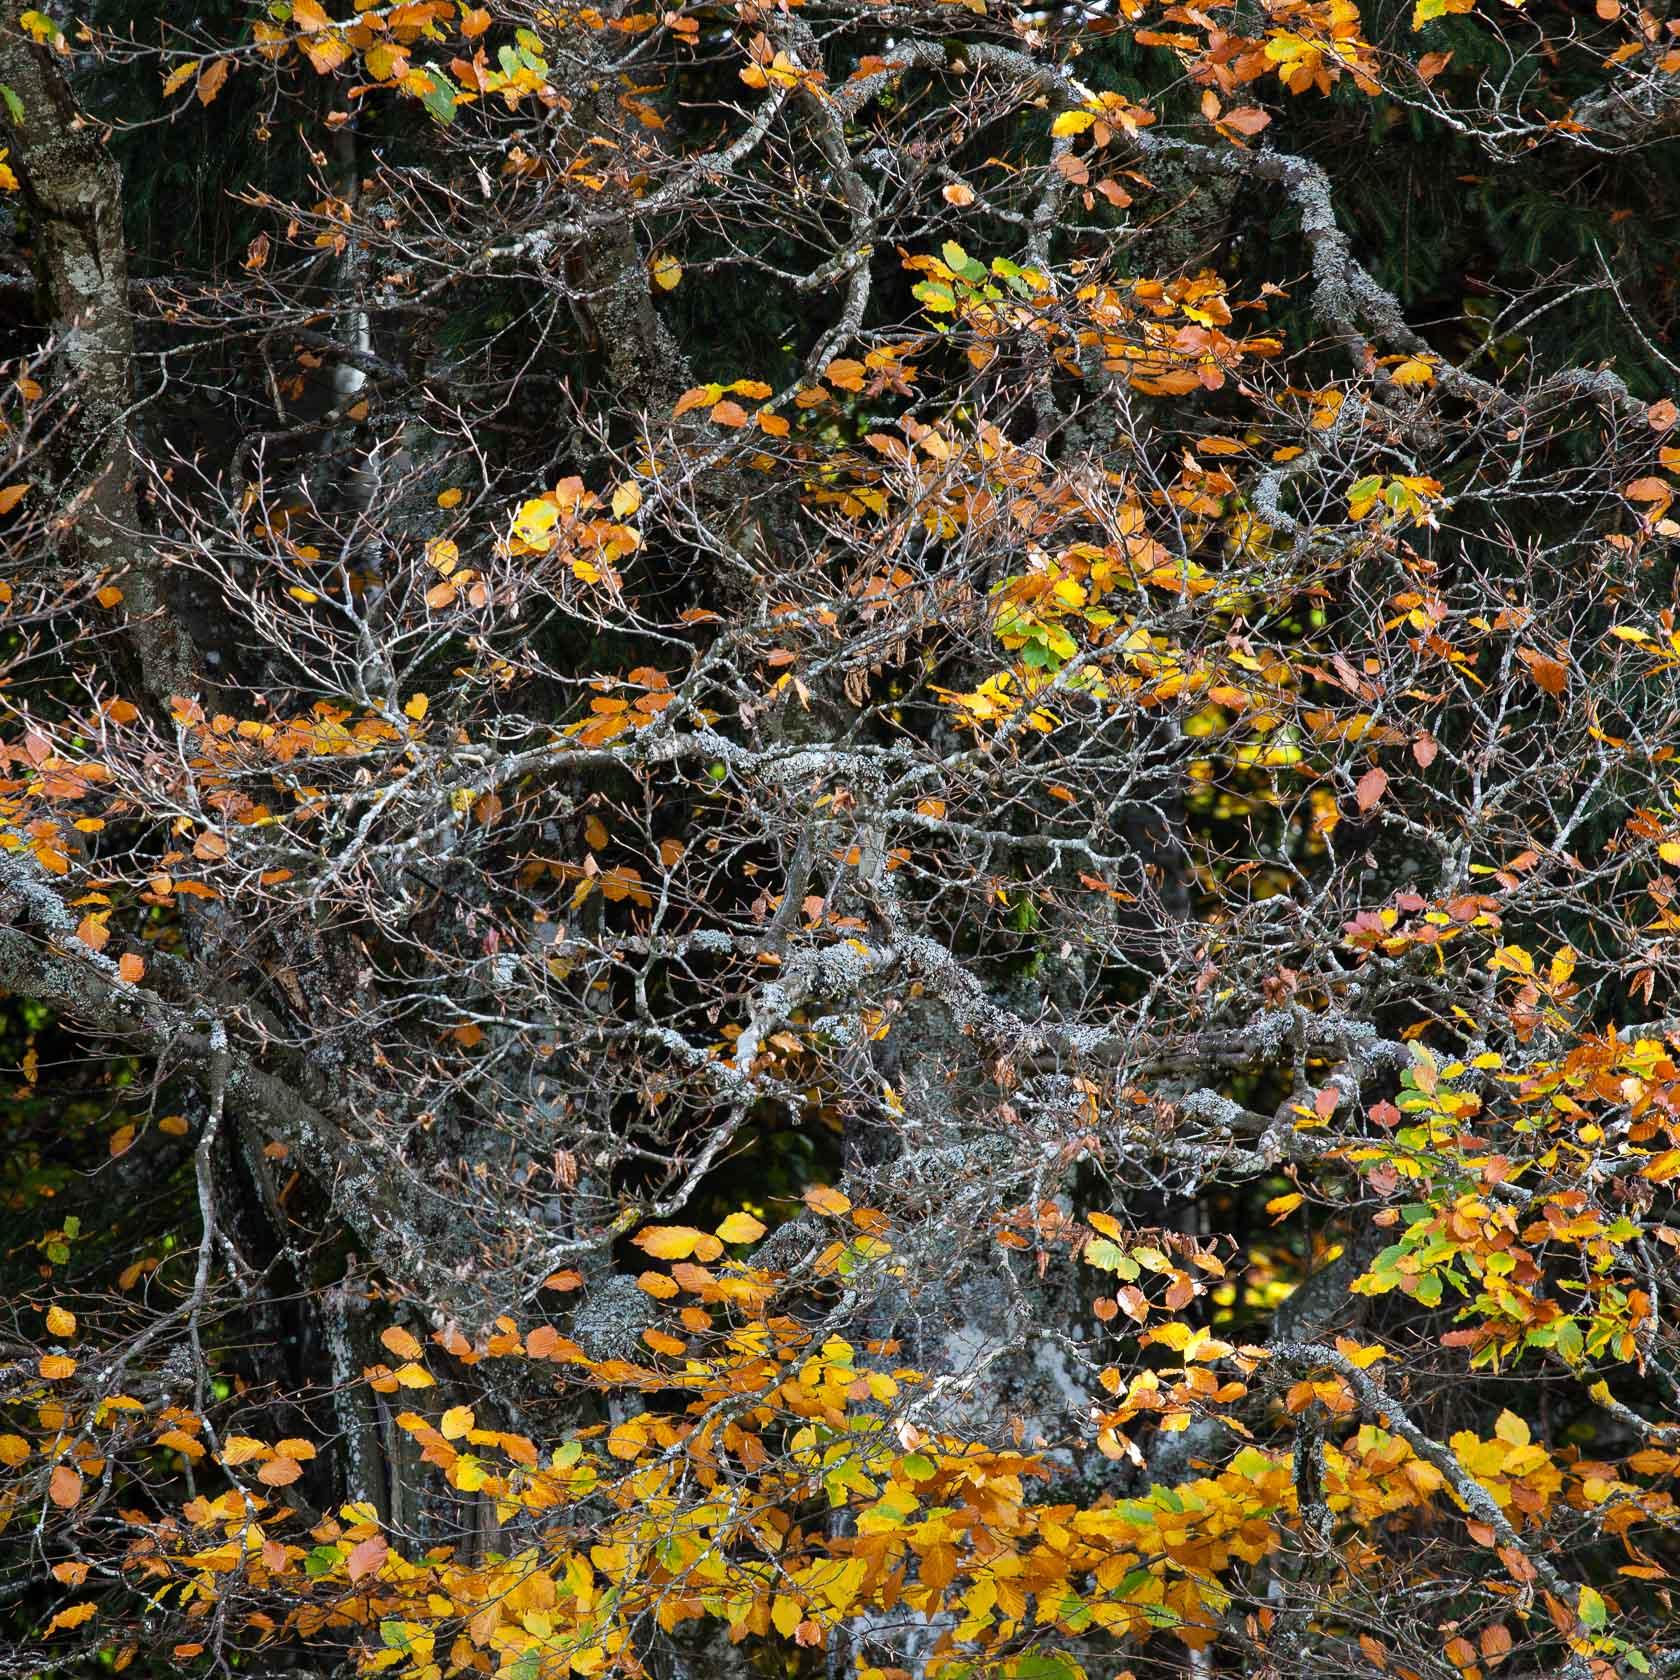 Hêtre en automne, tourbière des Creusates